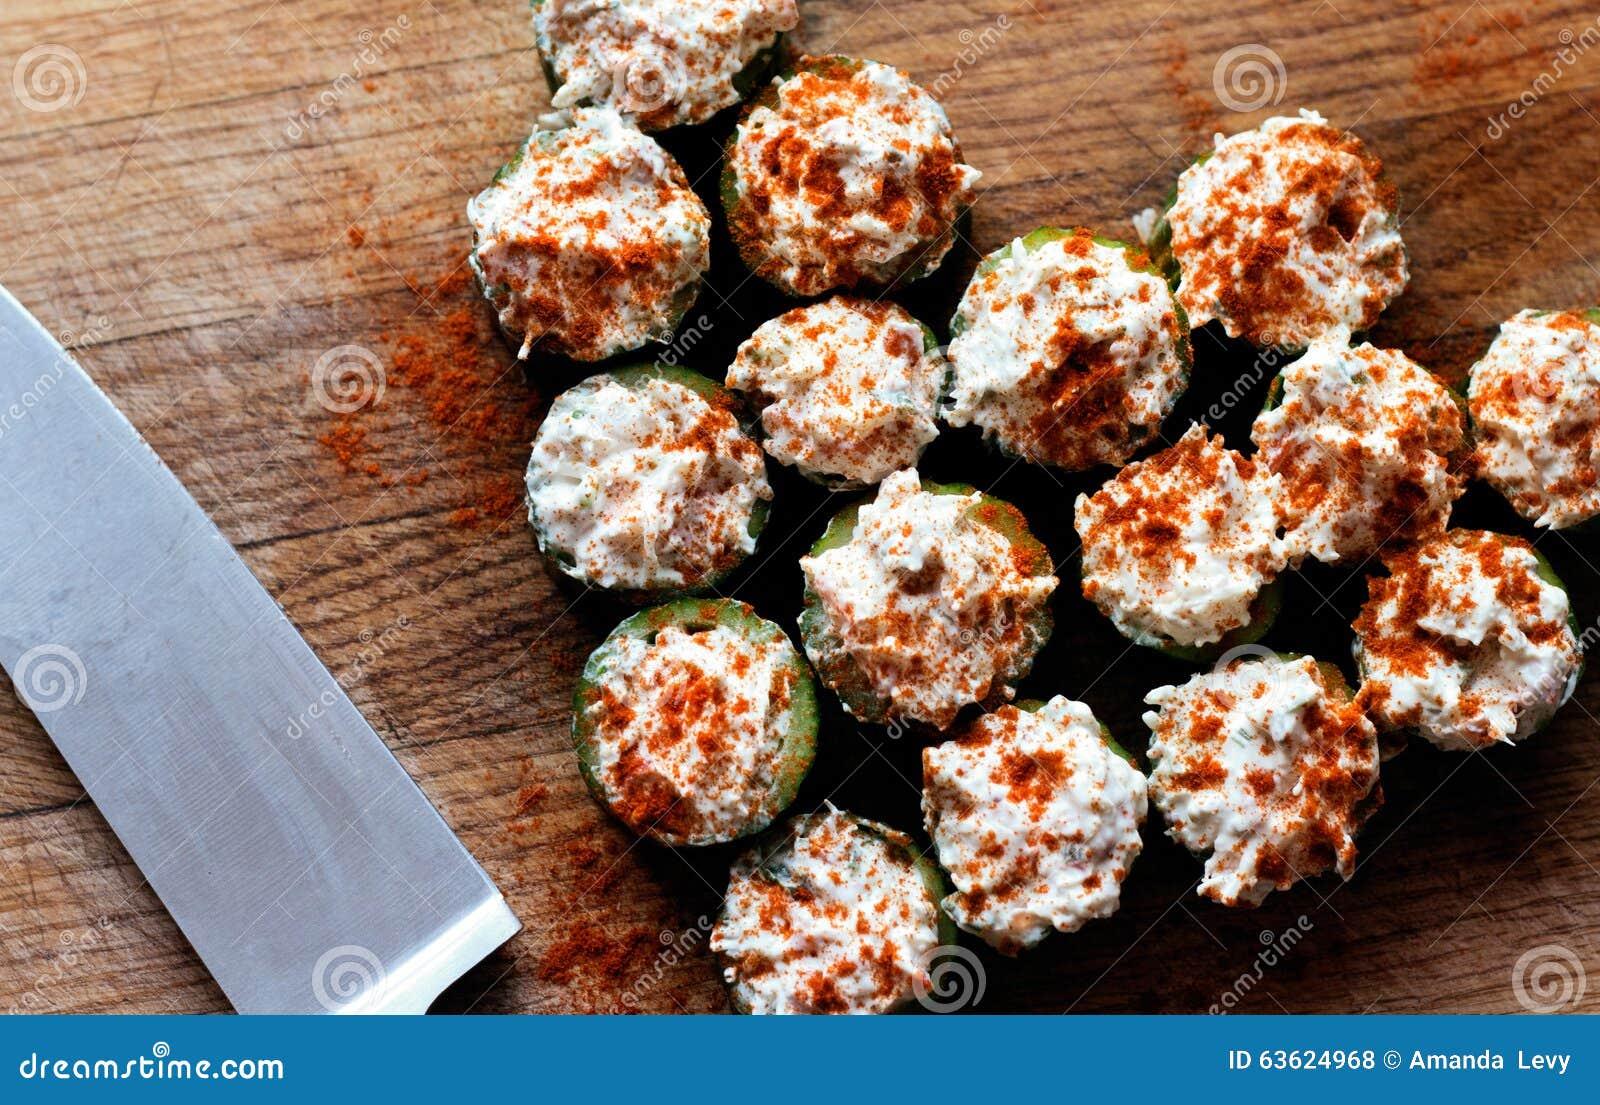 De voorgerechten van de komkommerkrab